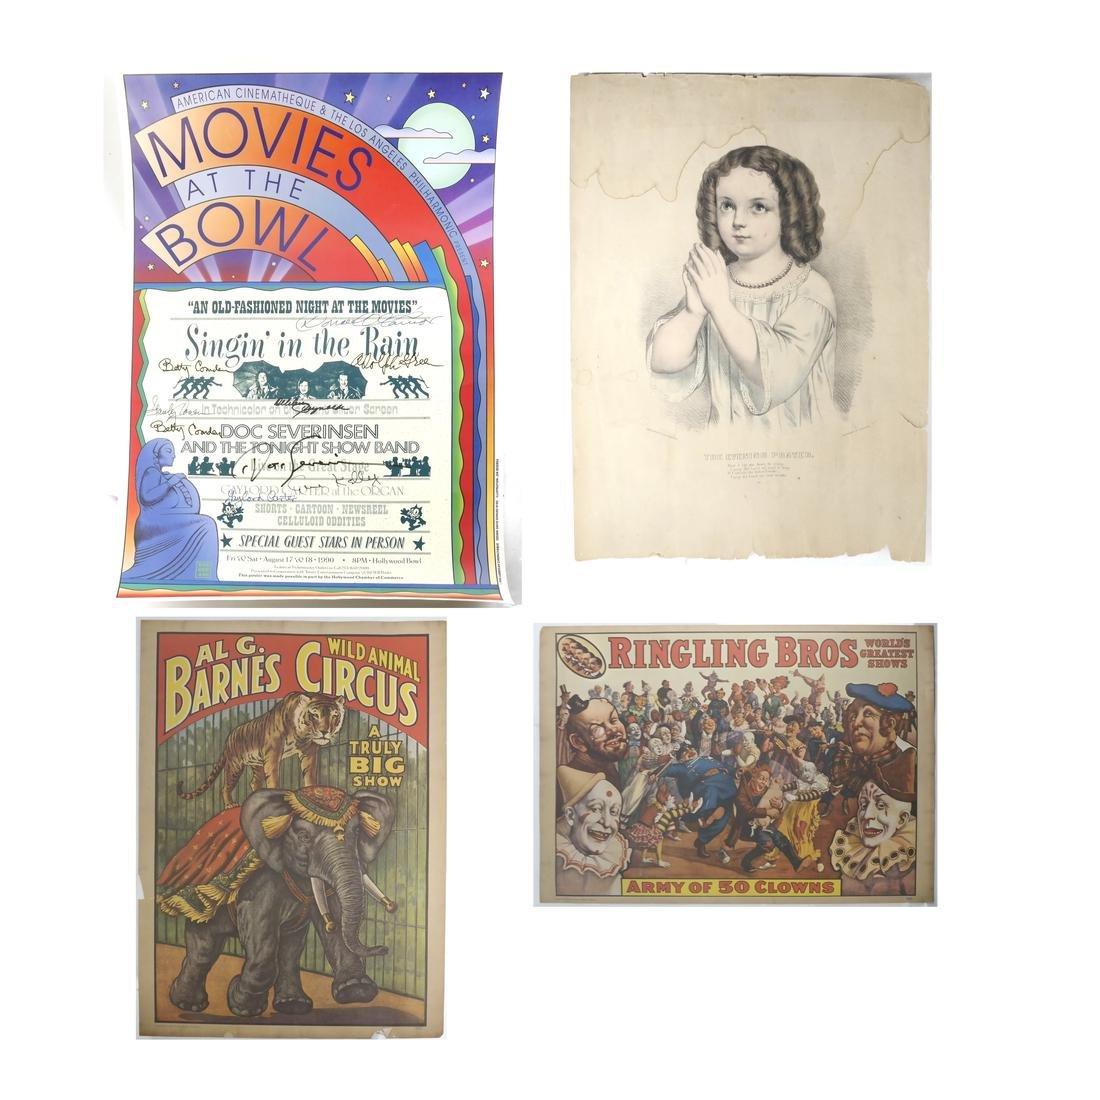 Circus Prints, Movies At The Bowl Poster